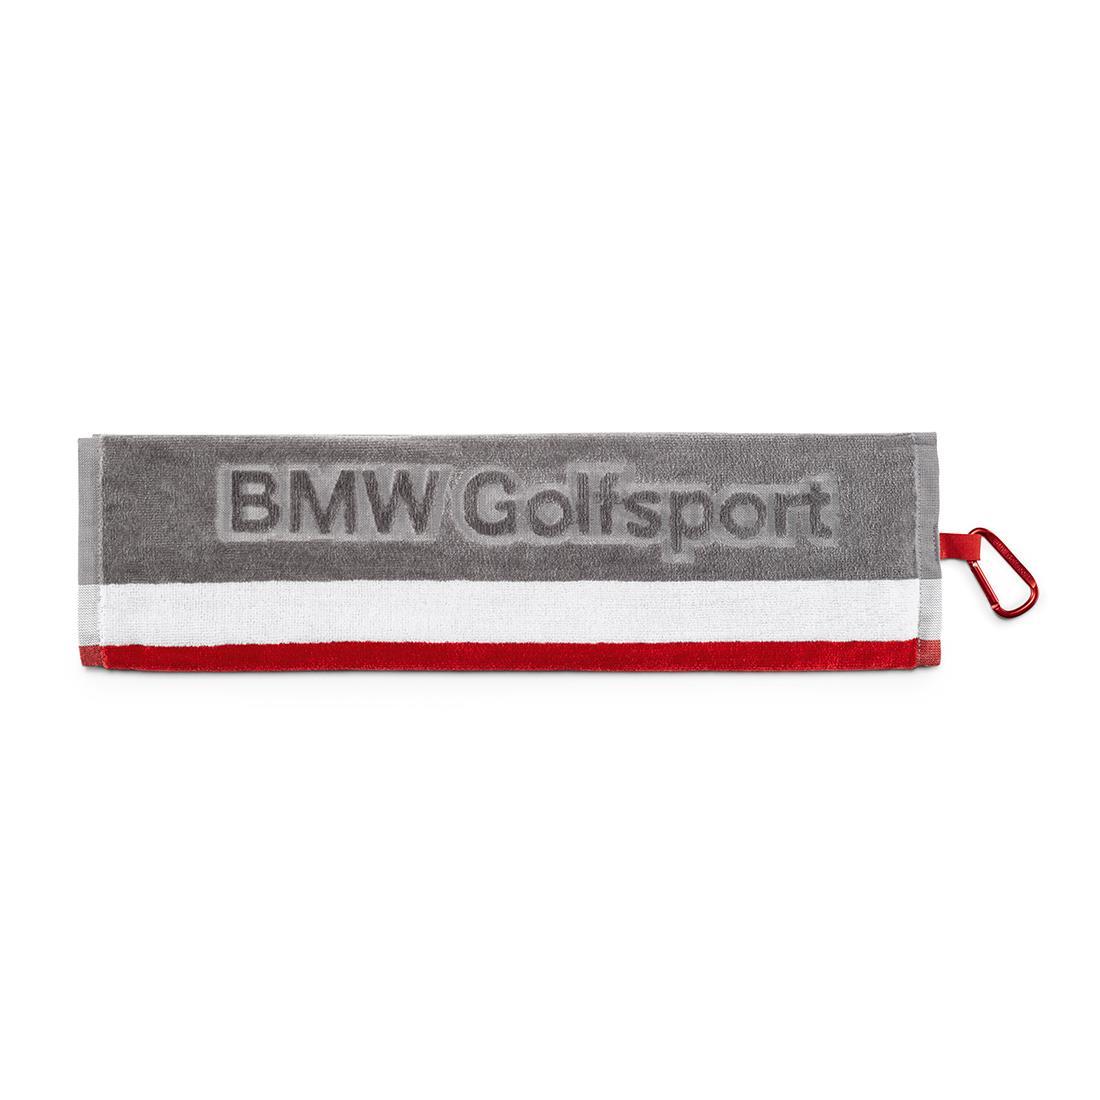 BMW Golfsport Club Towel